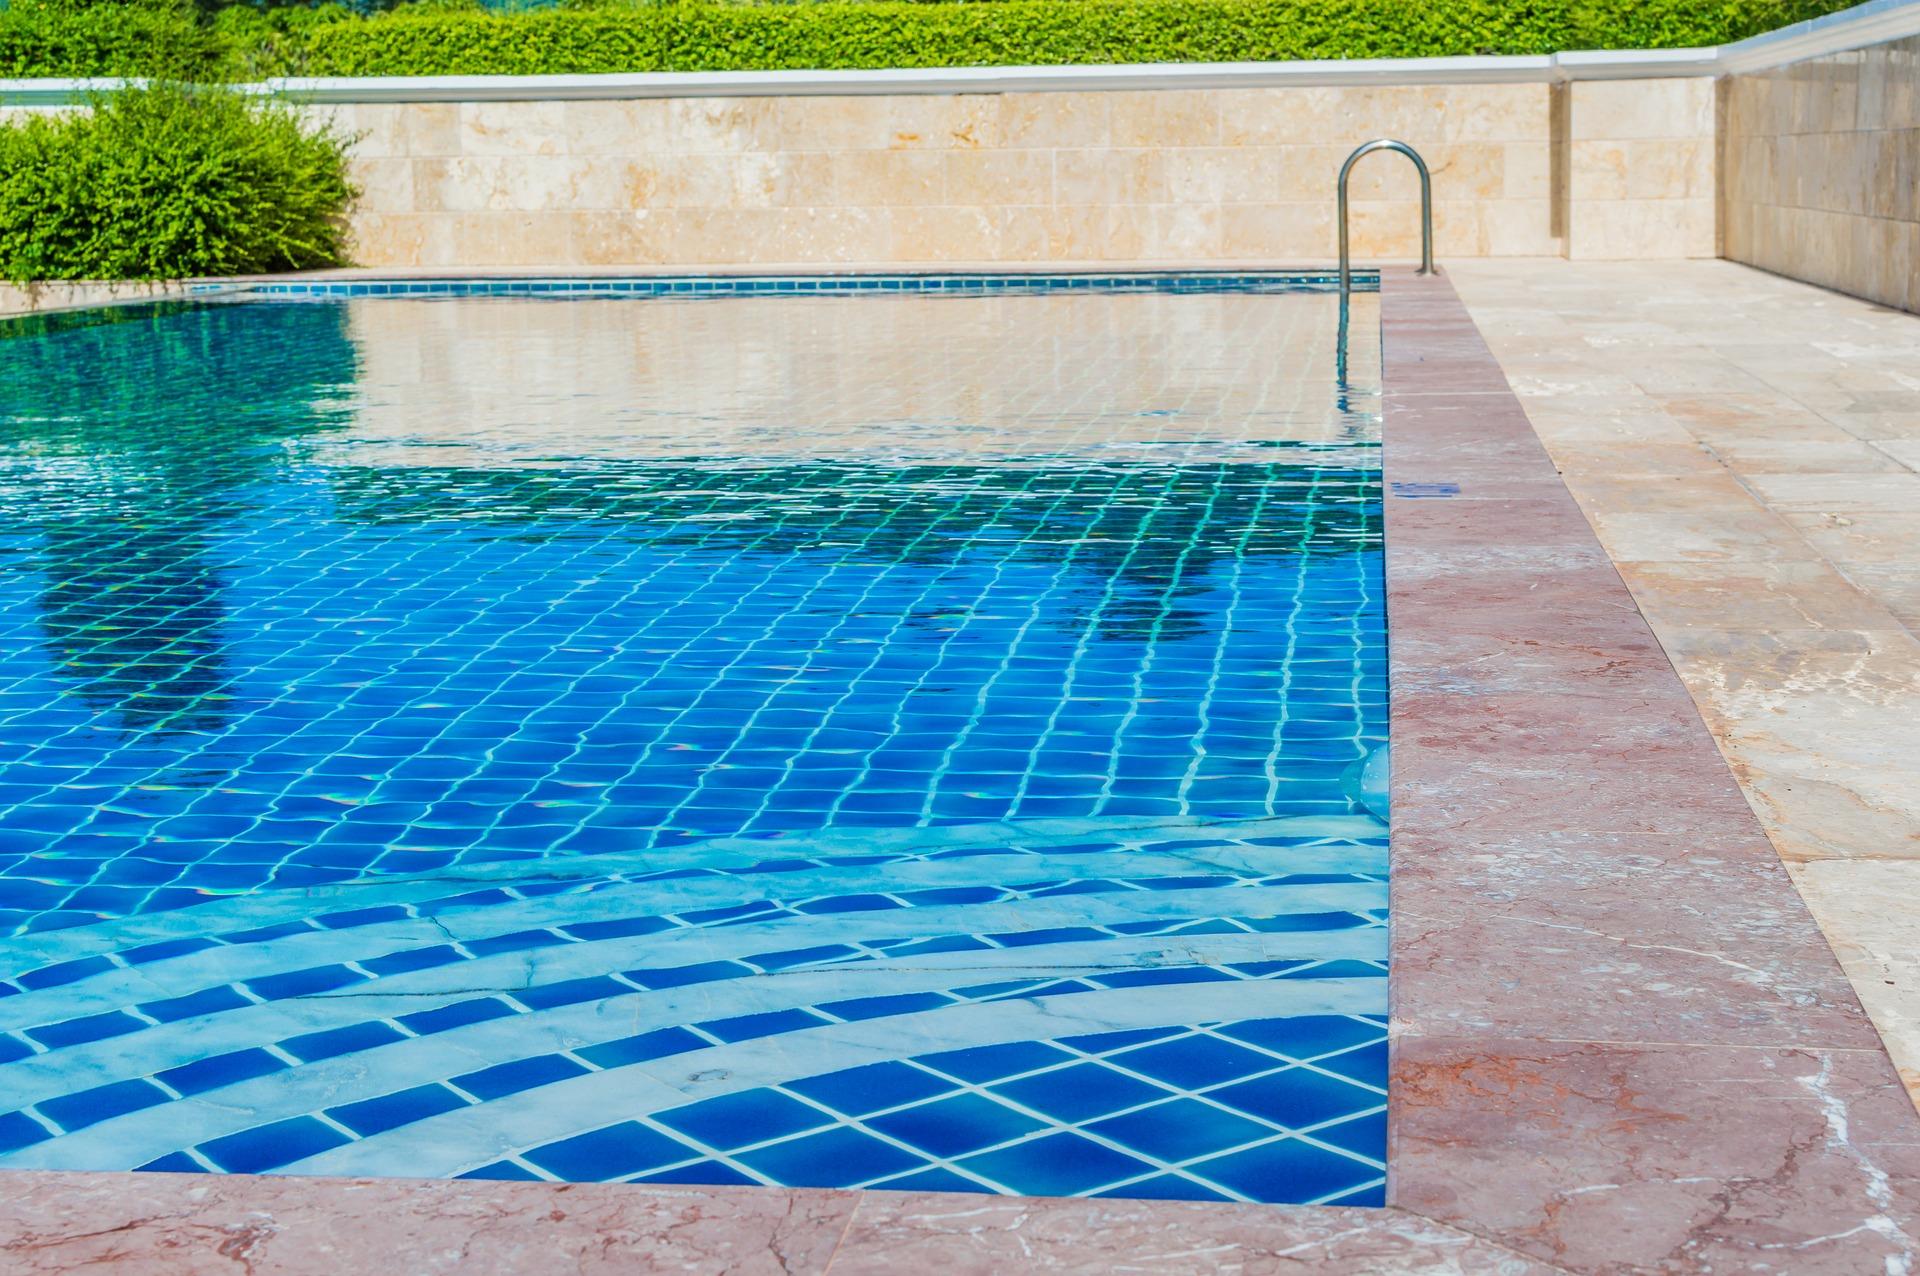 como mantener limpia piscina